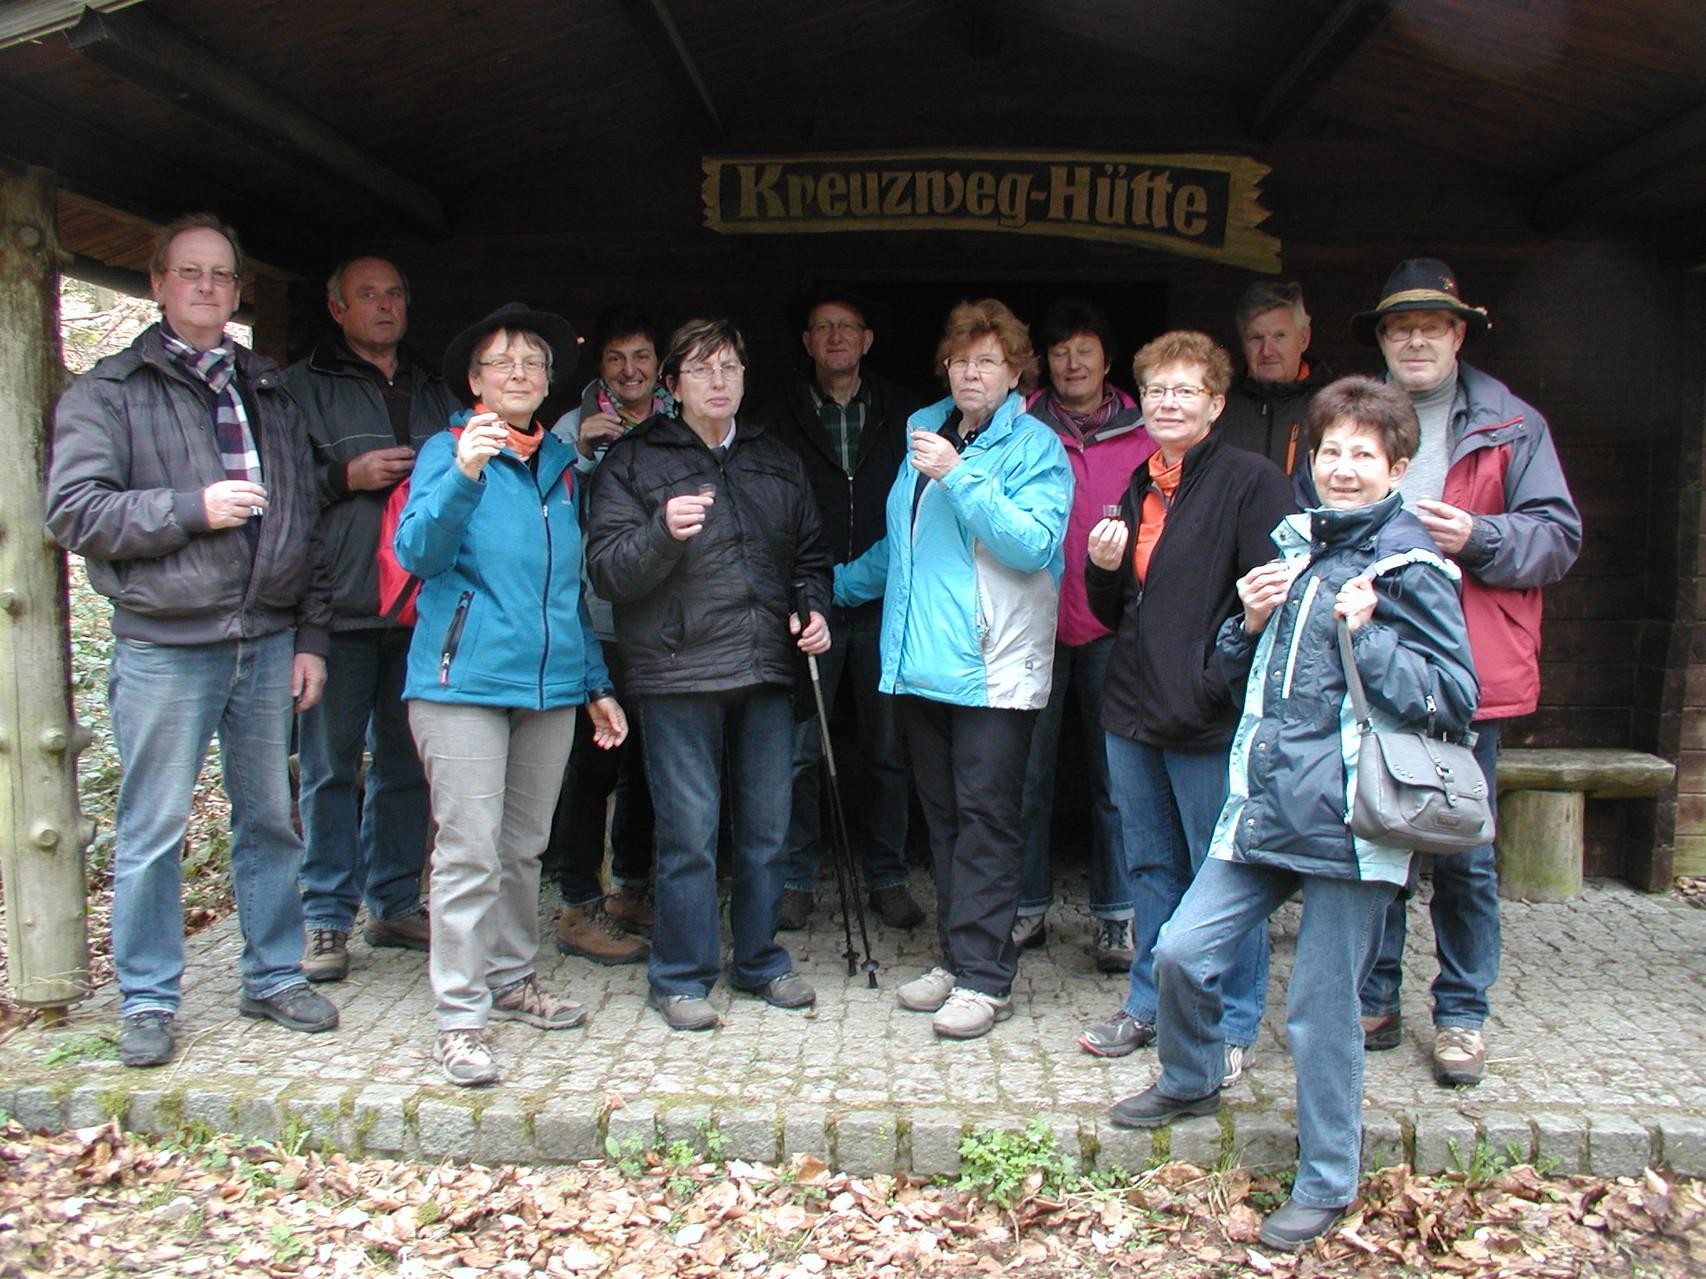 Wanderung zum Sophienhof Raibreitenbach am 23.03.14 - Na denn Prost!